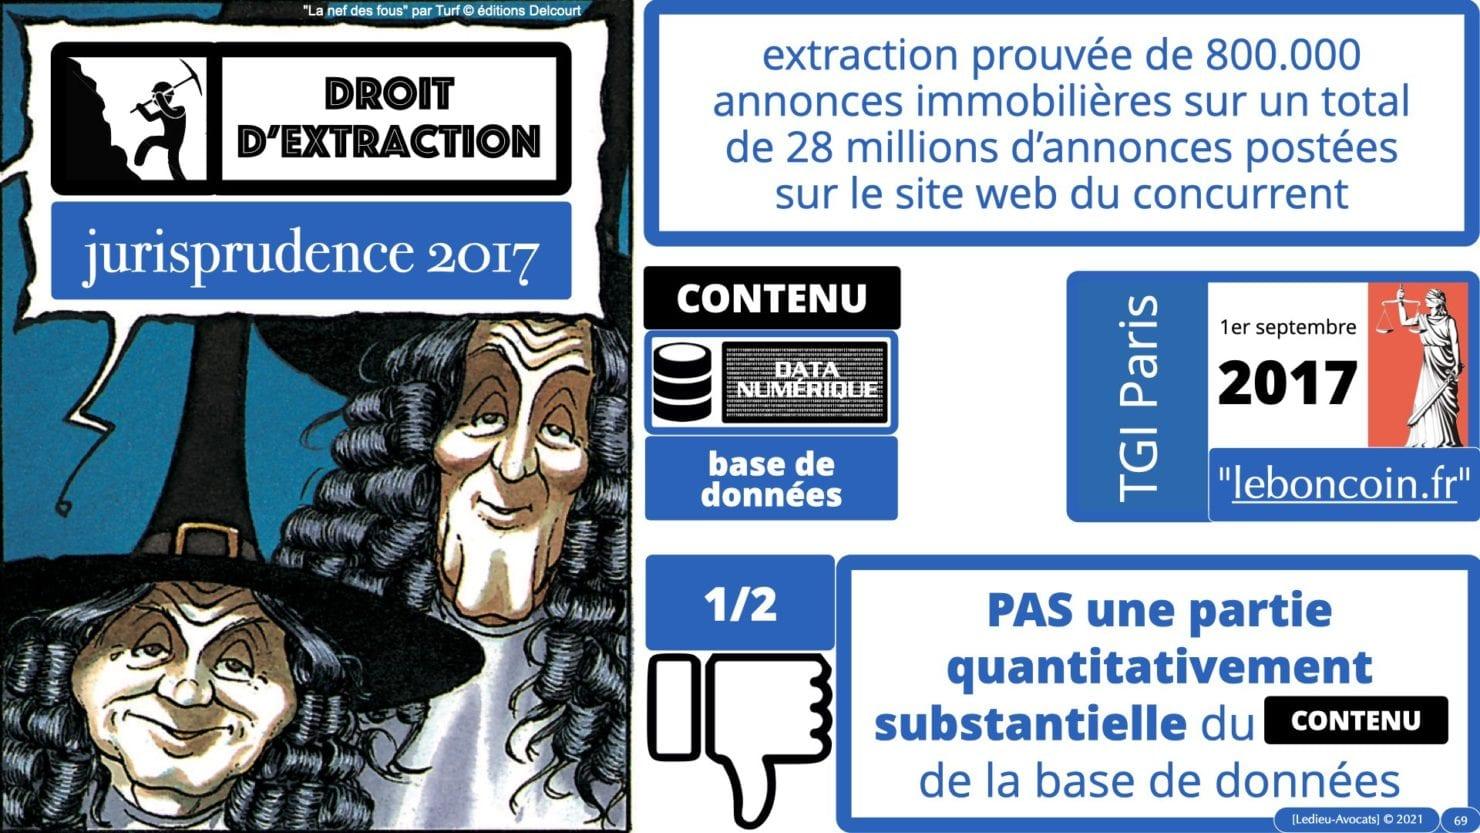 334 extraction indexation BASE DE DONNEES © Ledieu-avocat 24-05-2021.069